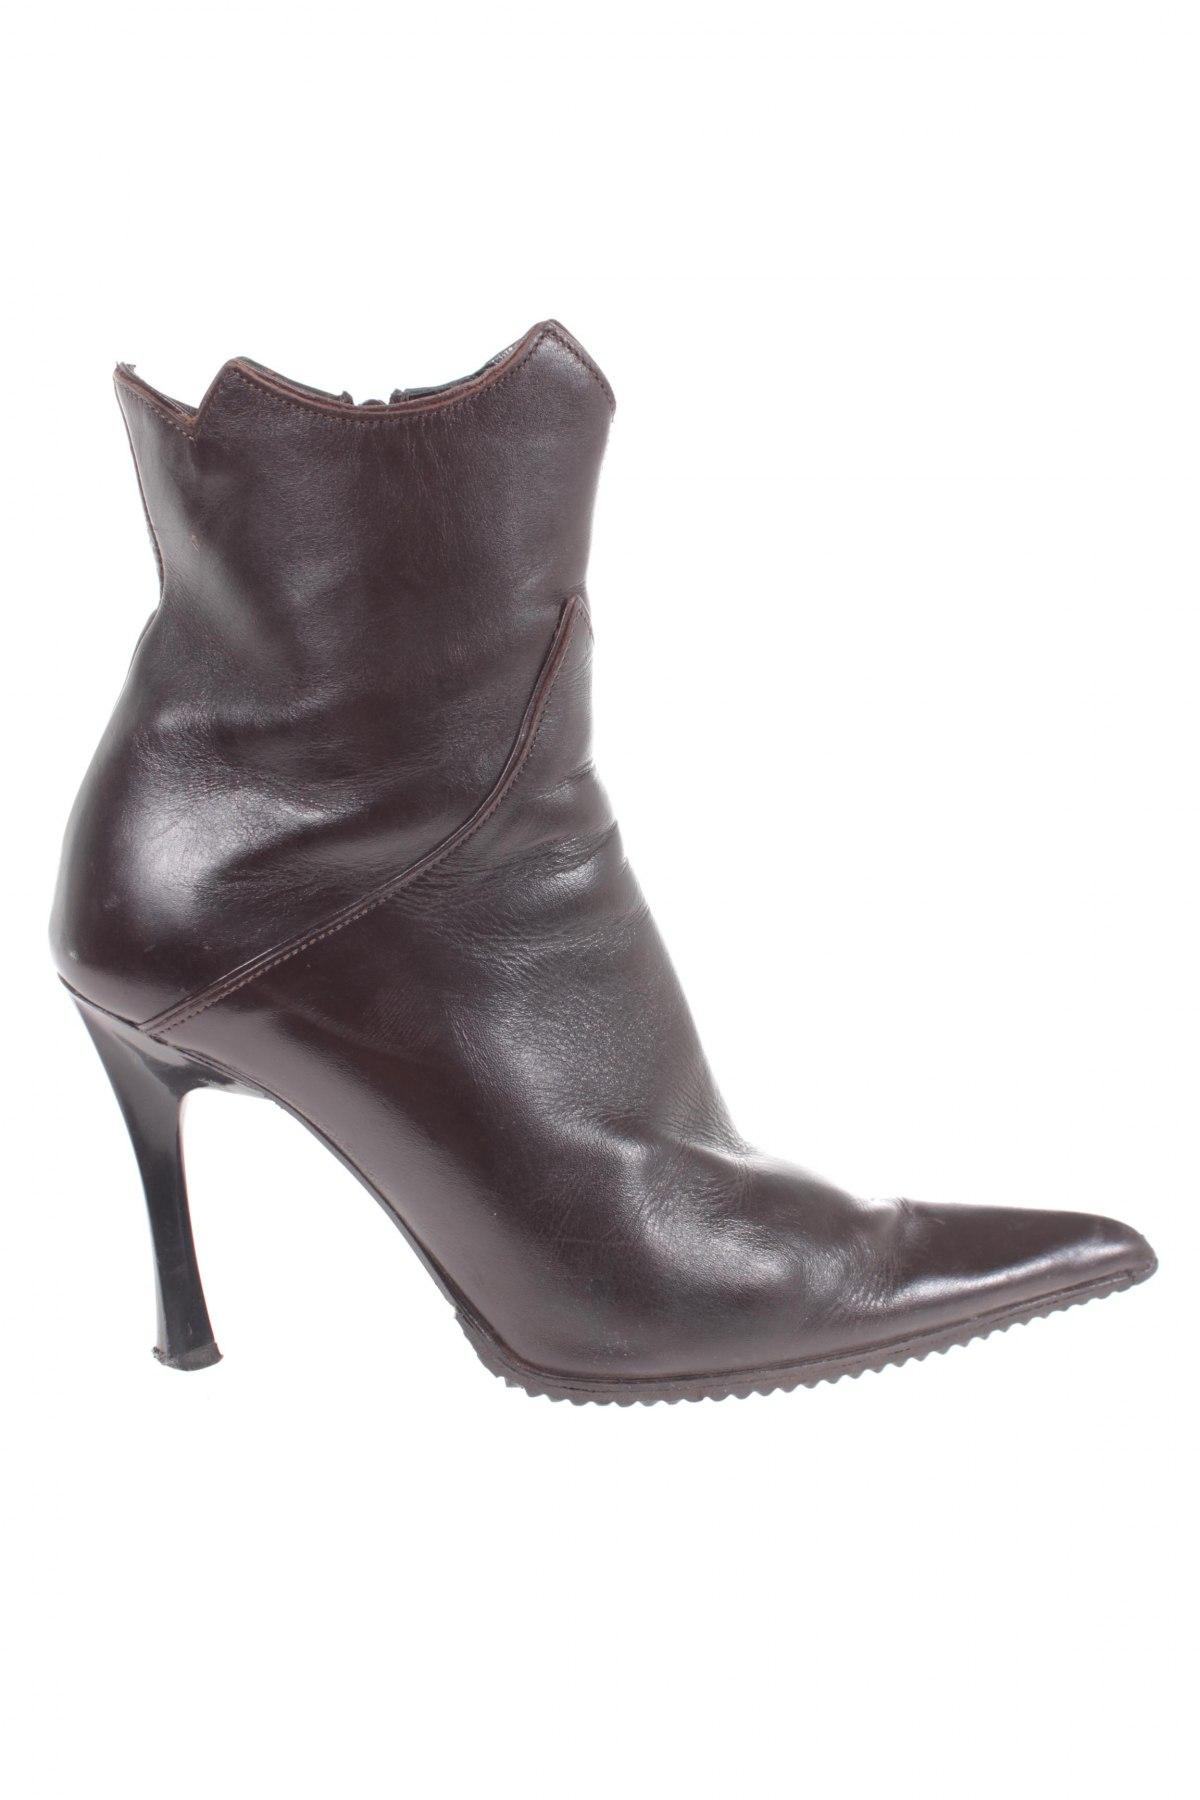 1b8b219330cd Dámské topánky Fiorangelo - za výhodnú cenu na Remix -  101775456